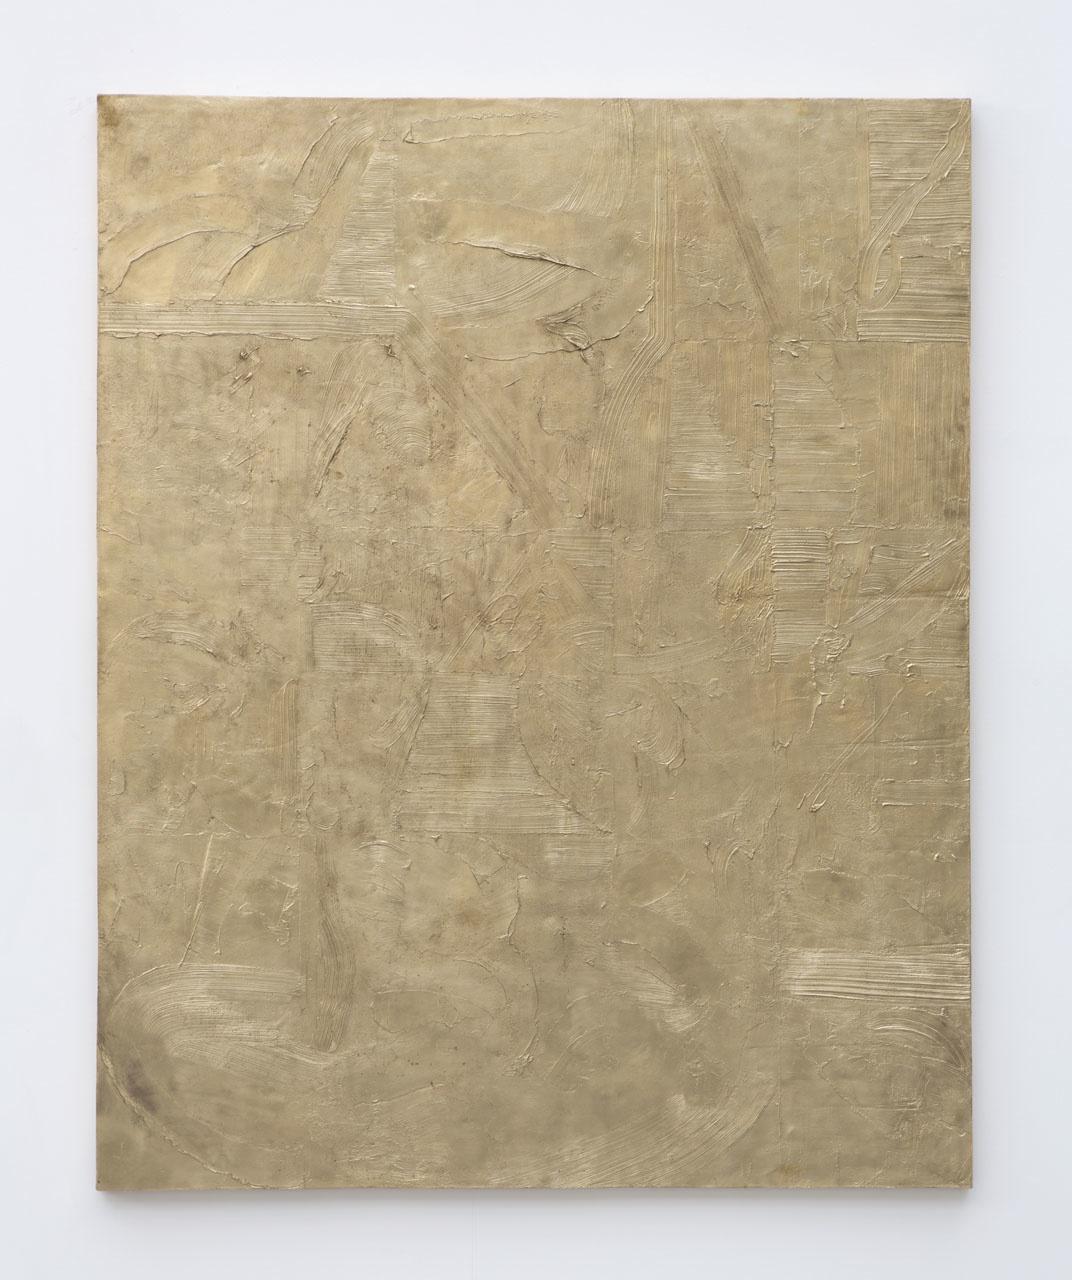 JOHN HENDERSON  CAST, 2012  BRASS  60 X 48 IN  152.5 X 122 CM  SOLD